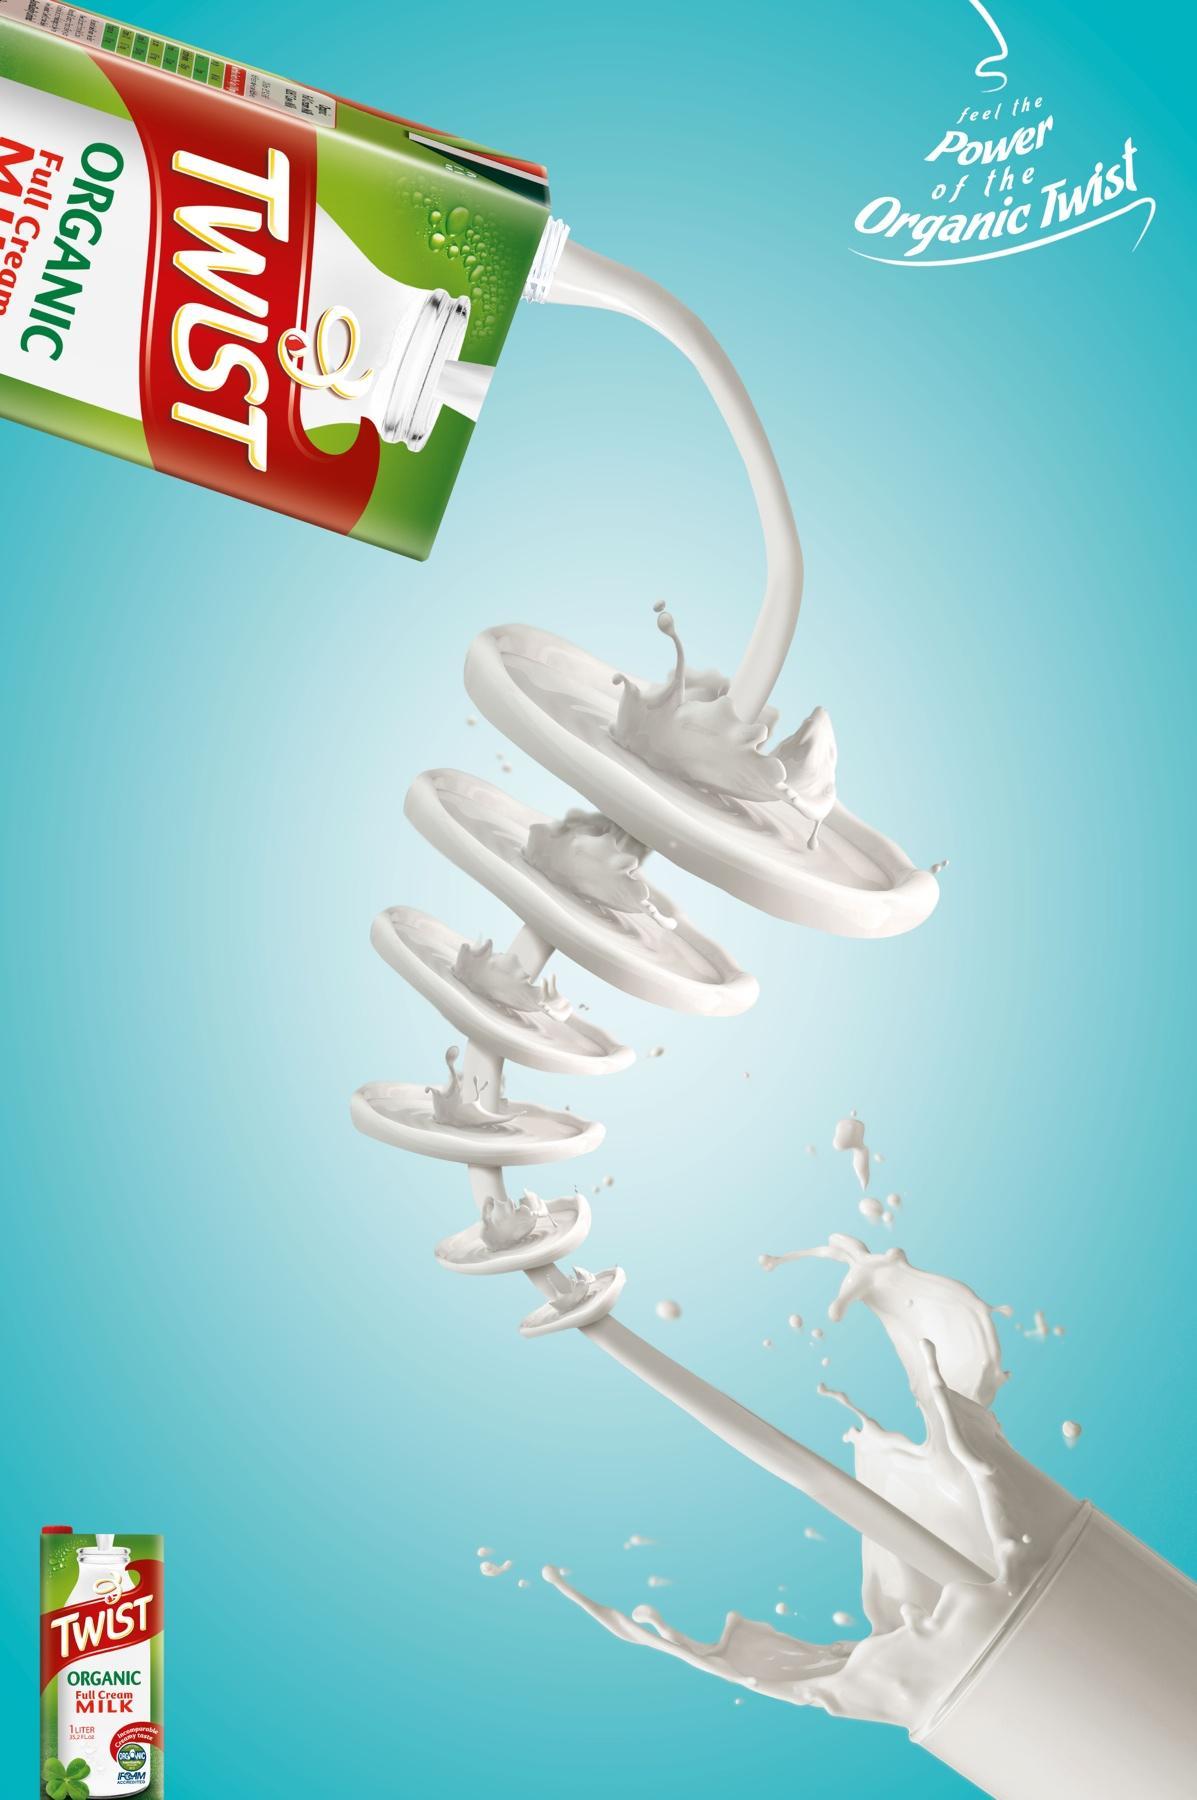 Twist Milk Print Ad -  Organic, 1